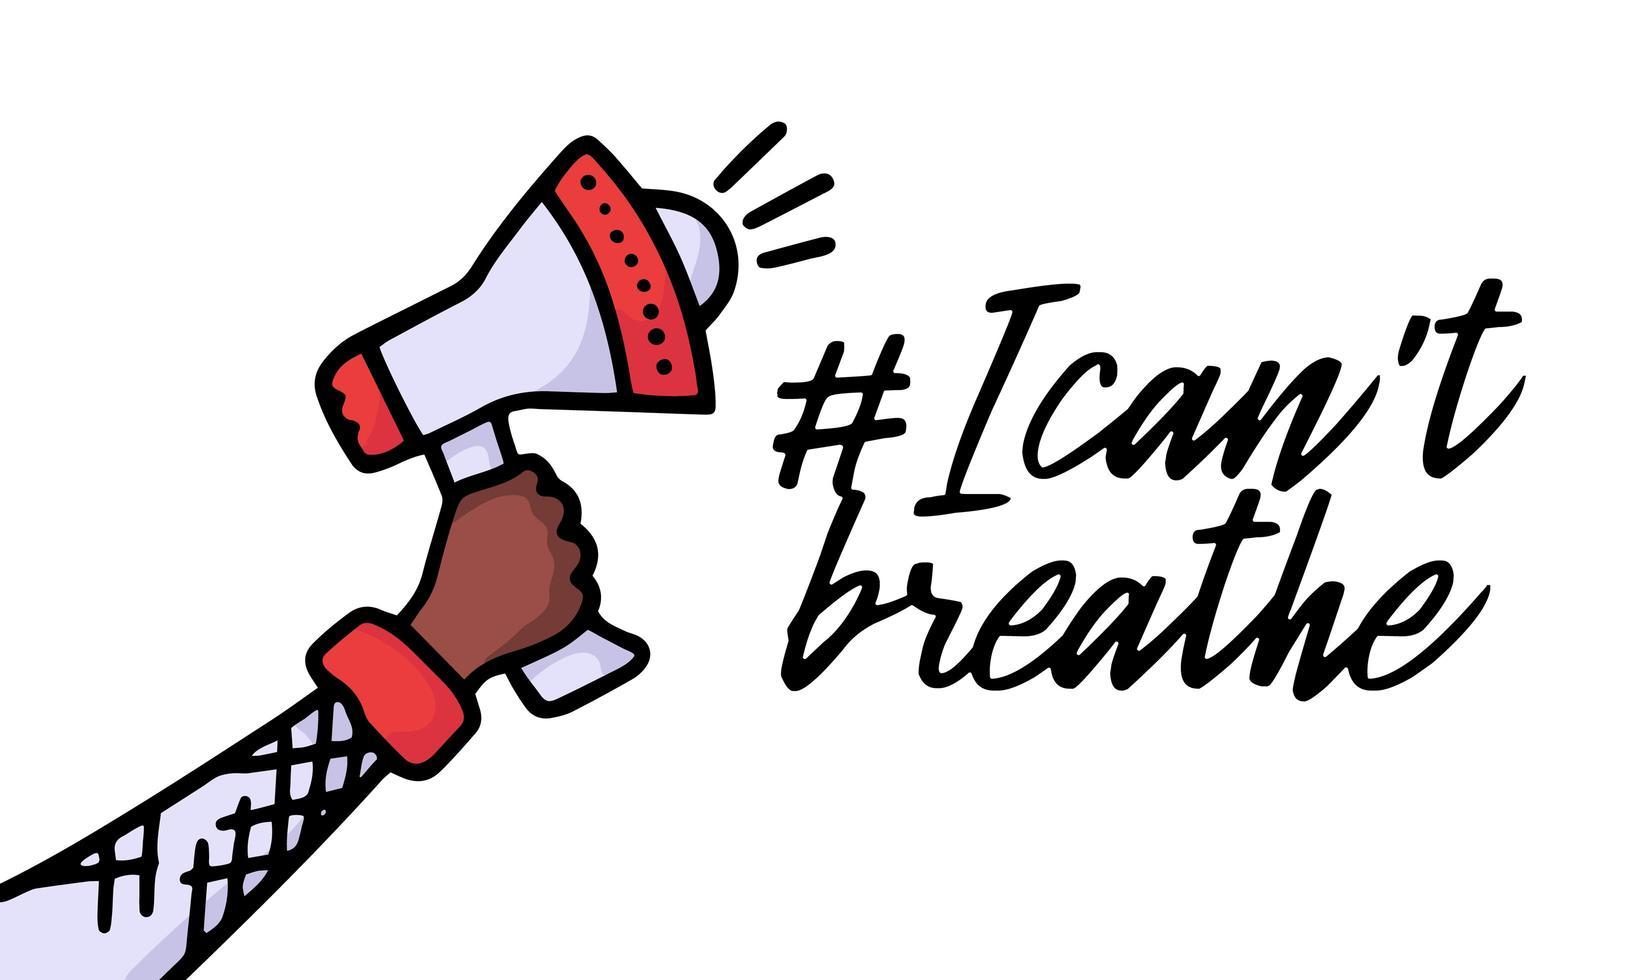 Doodle altavoz y texto que no puedo respirar. pancarta de protesta sobre los derechos humanos de los negros en américa. ilustración vectorial. cartel de icono y símbolo. vector